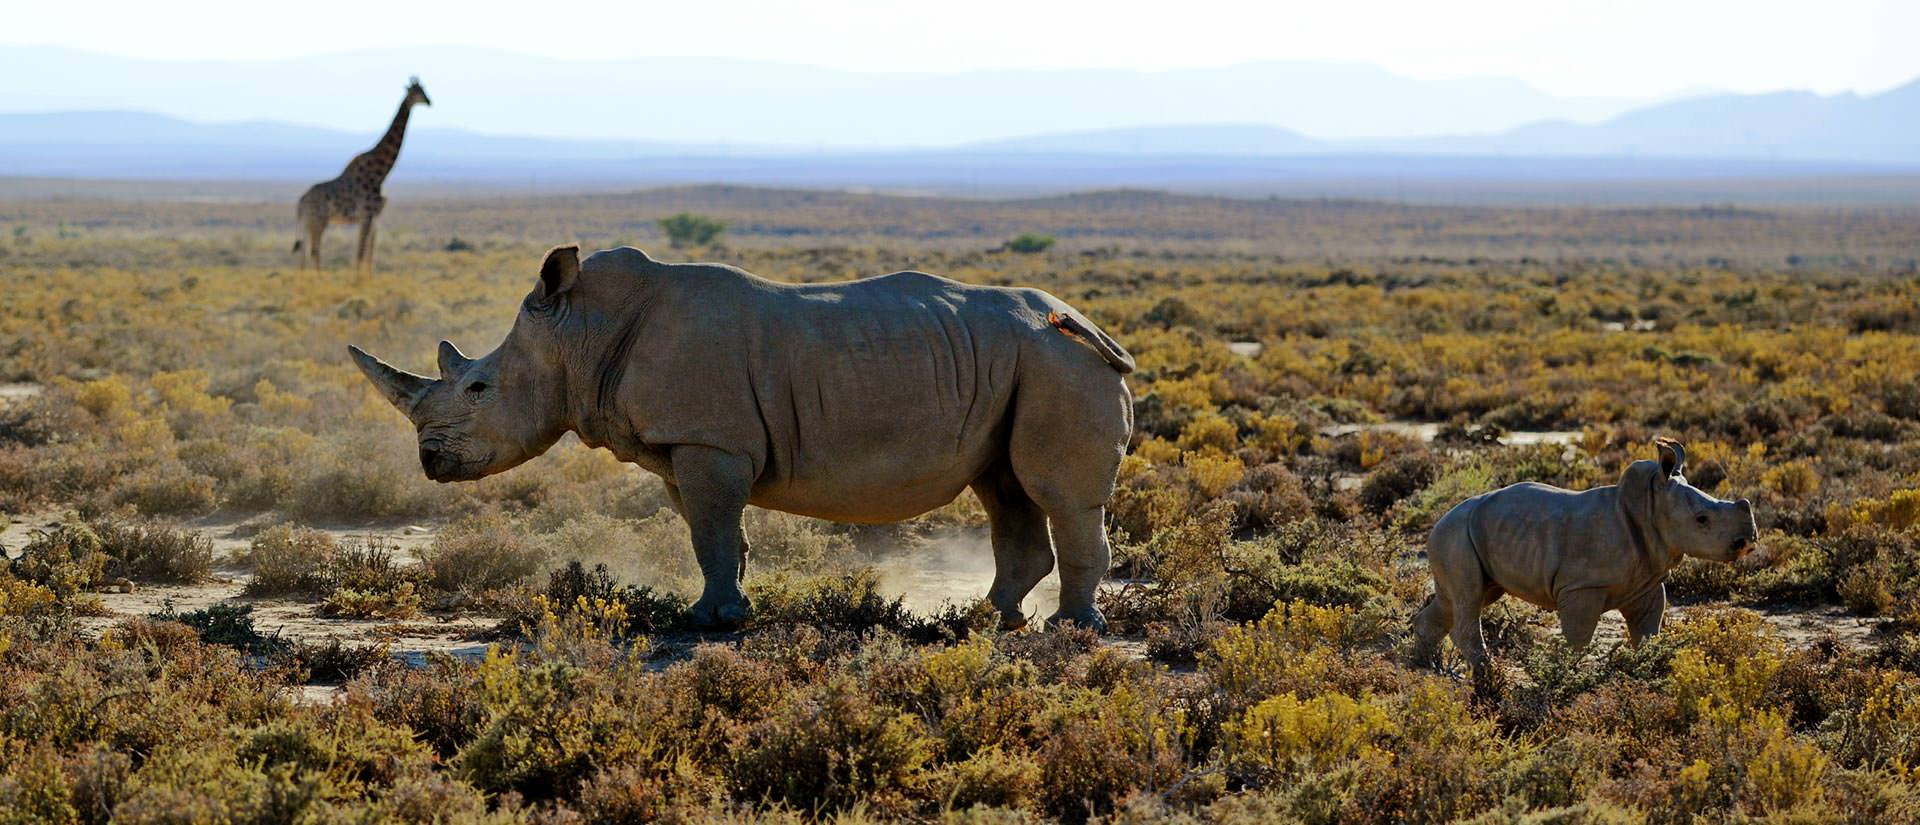 מידע שימושי למטייל בדרום אפריקה